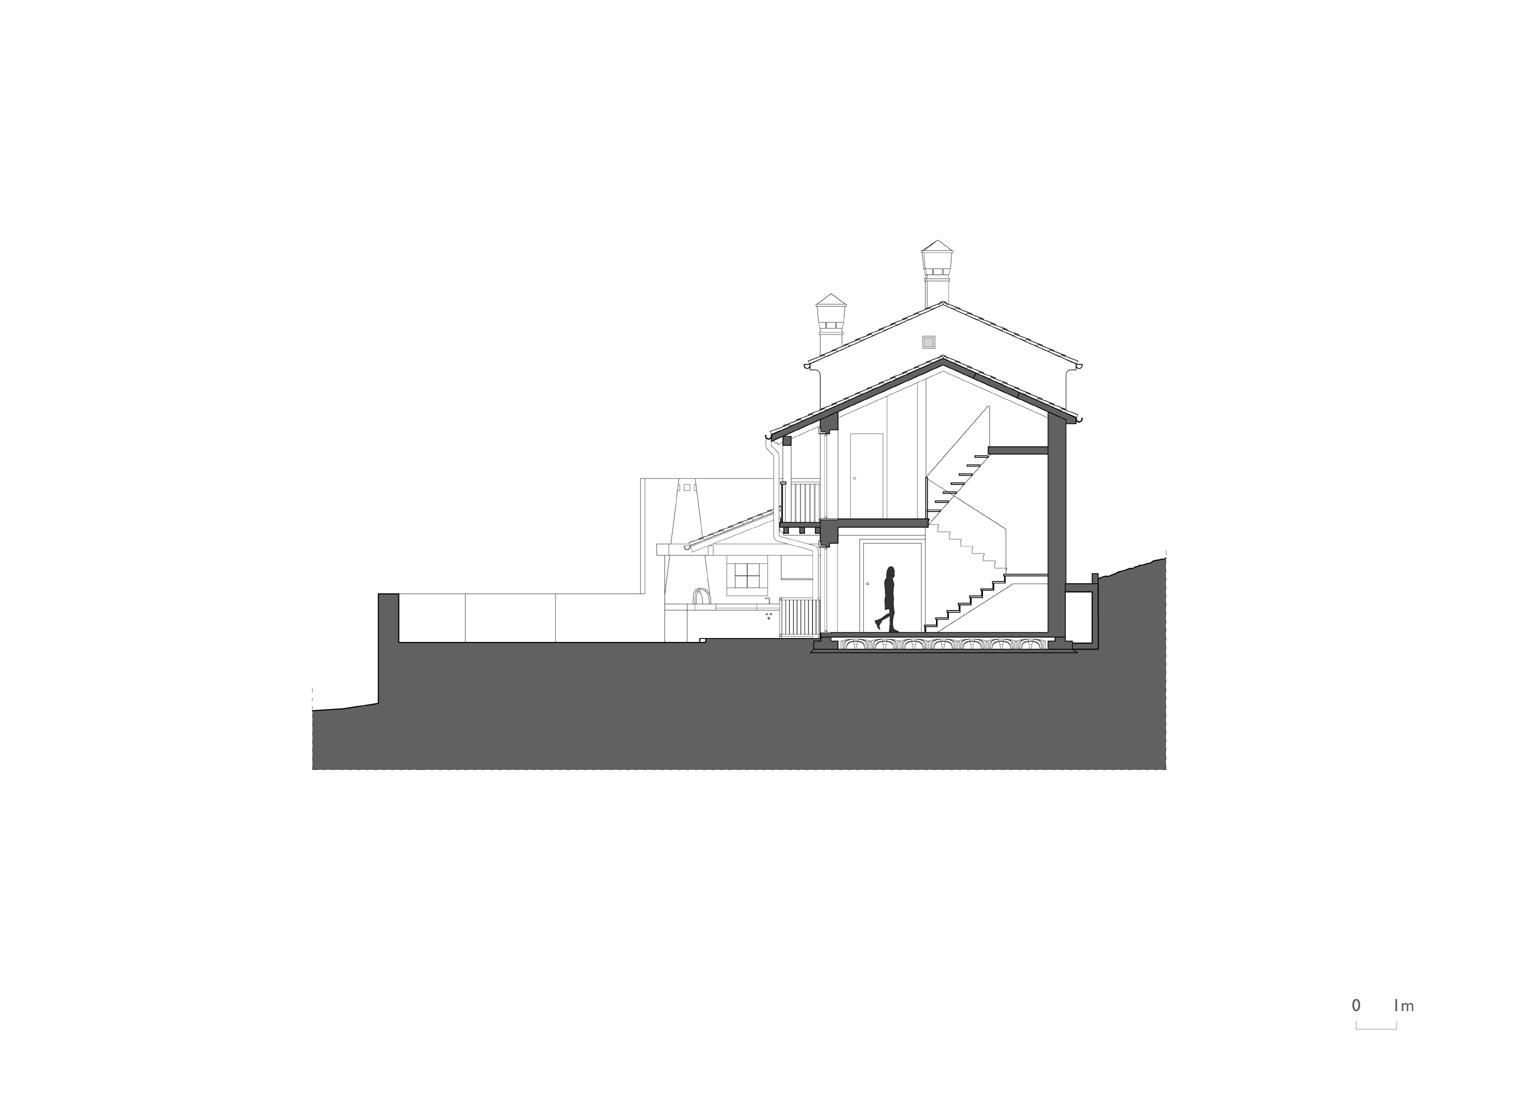 vk-architetti_samatorza_sez2